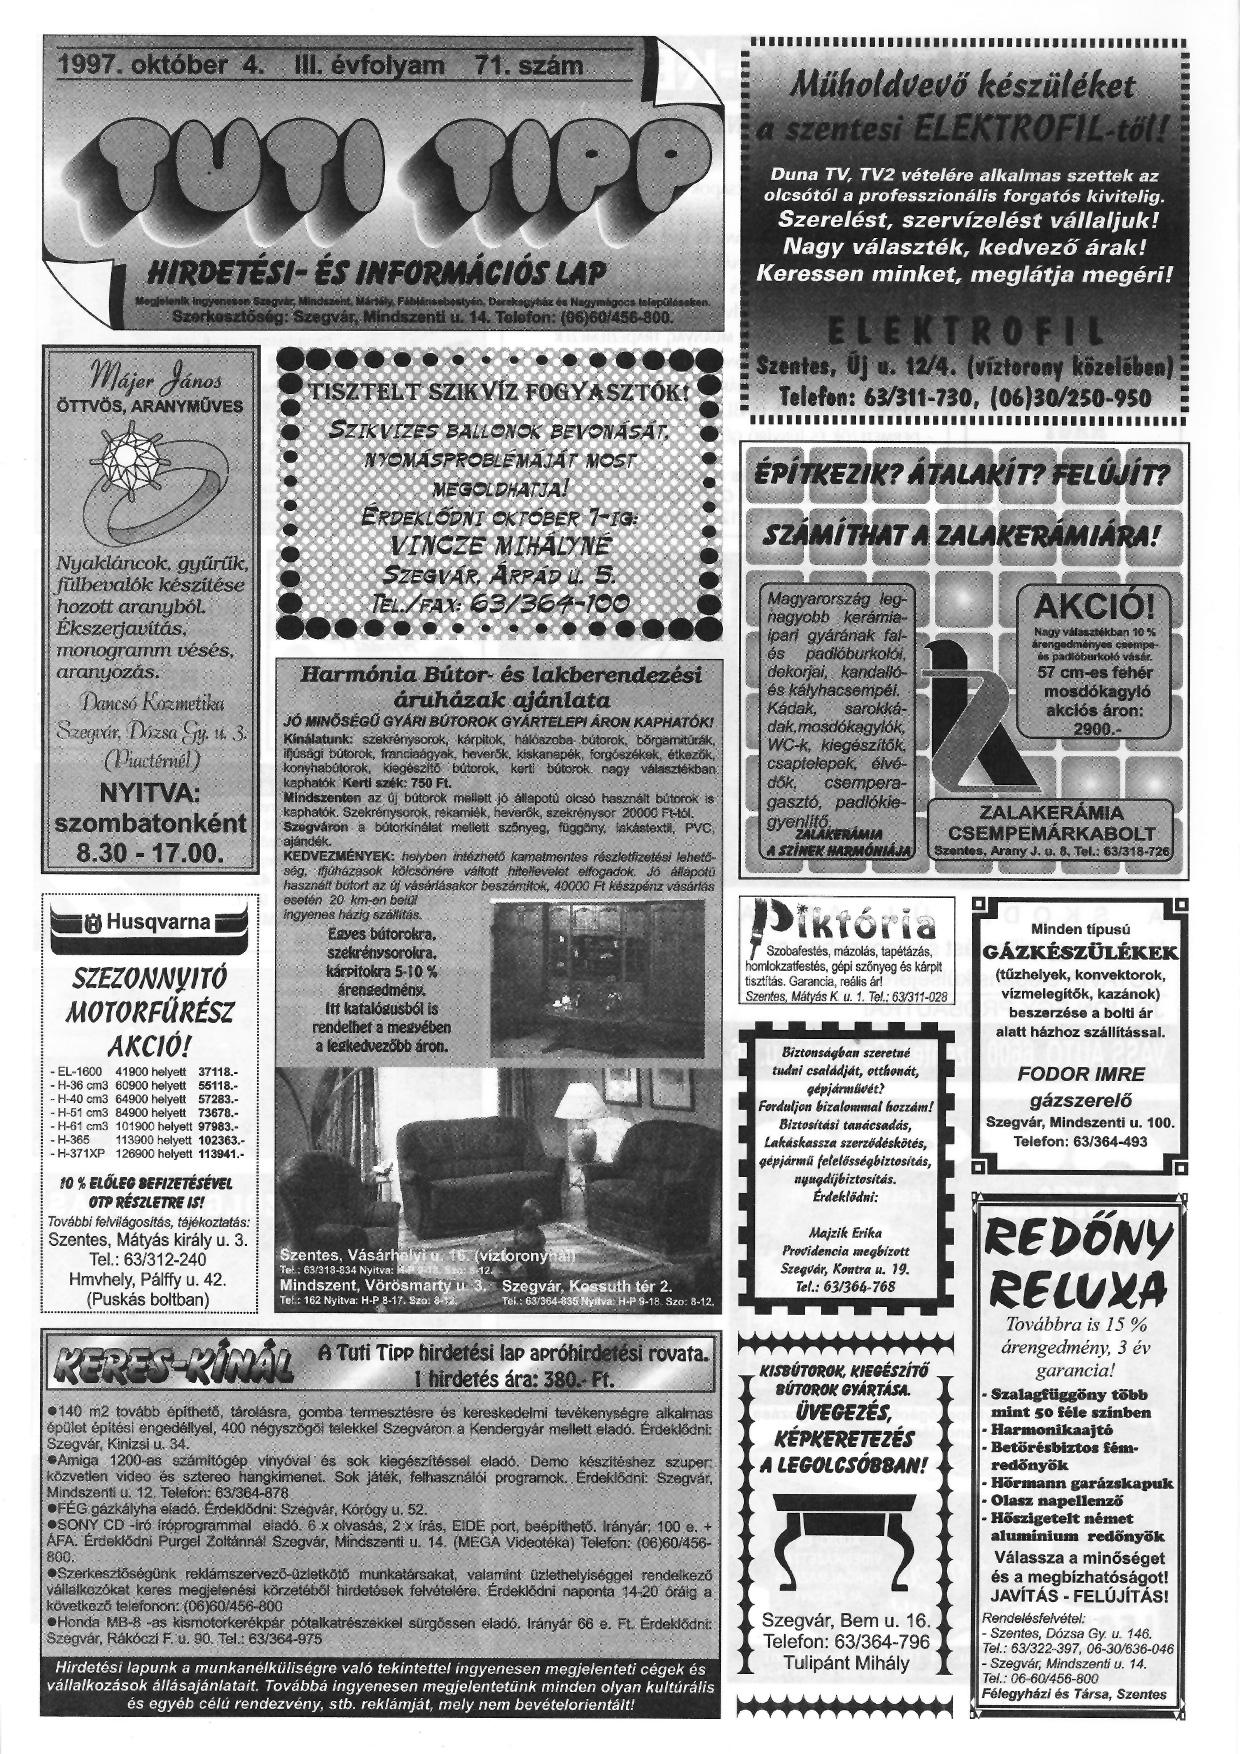 037 Tuti Tipp reklámújság - 19971004-071. lapszám - 1.oldal - III. évfolyam.jpg